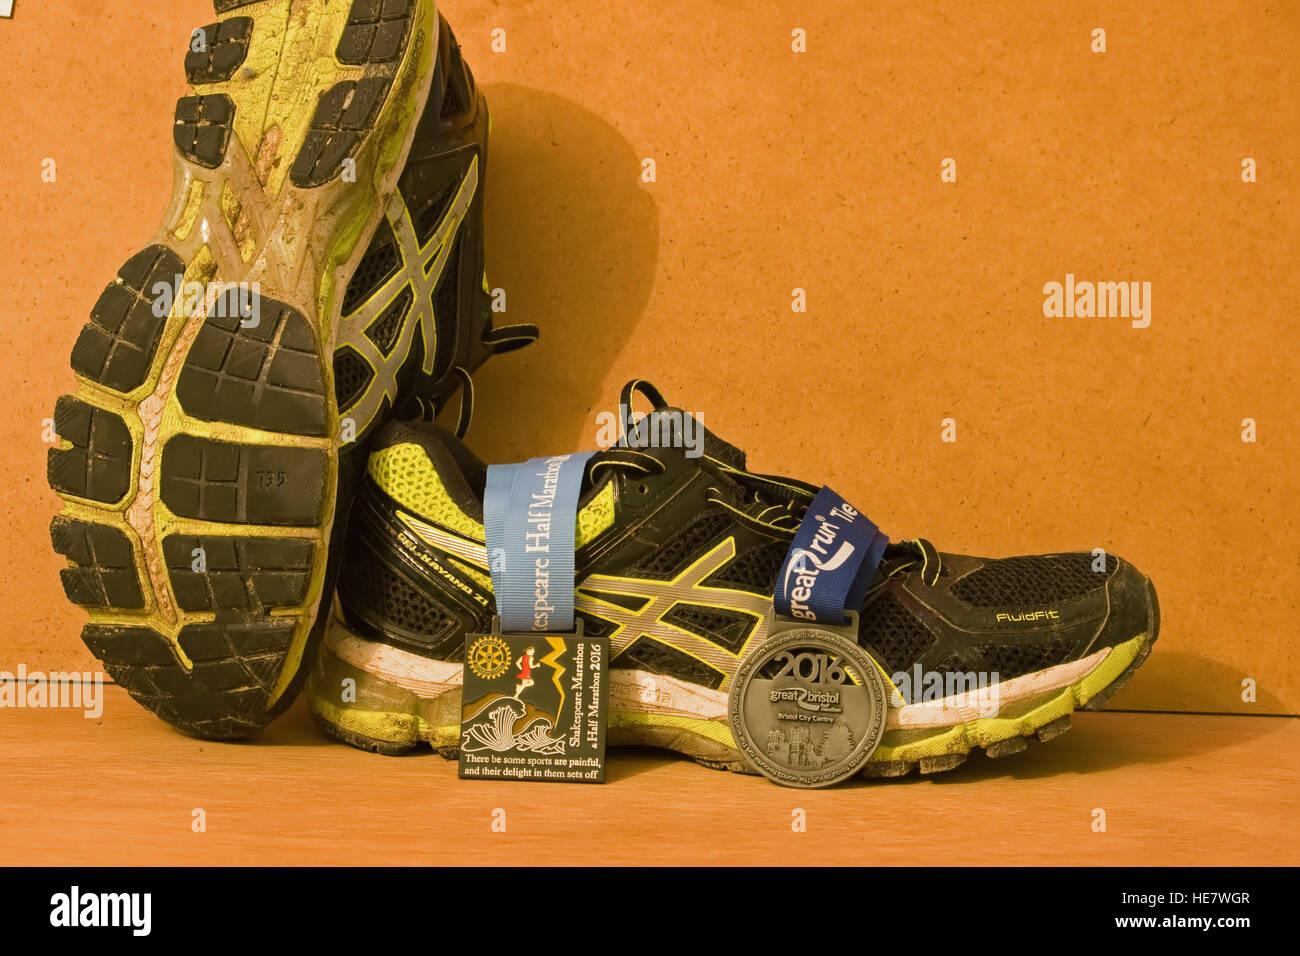 Running Images amp; Photos Asics Alamy Shoes 4dqnwP